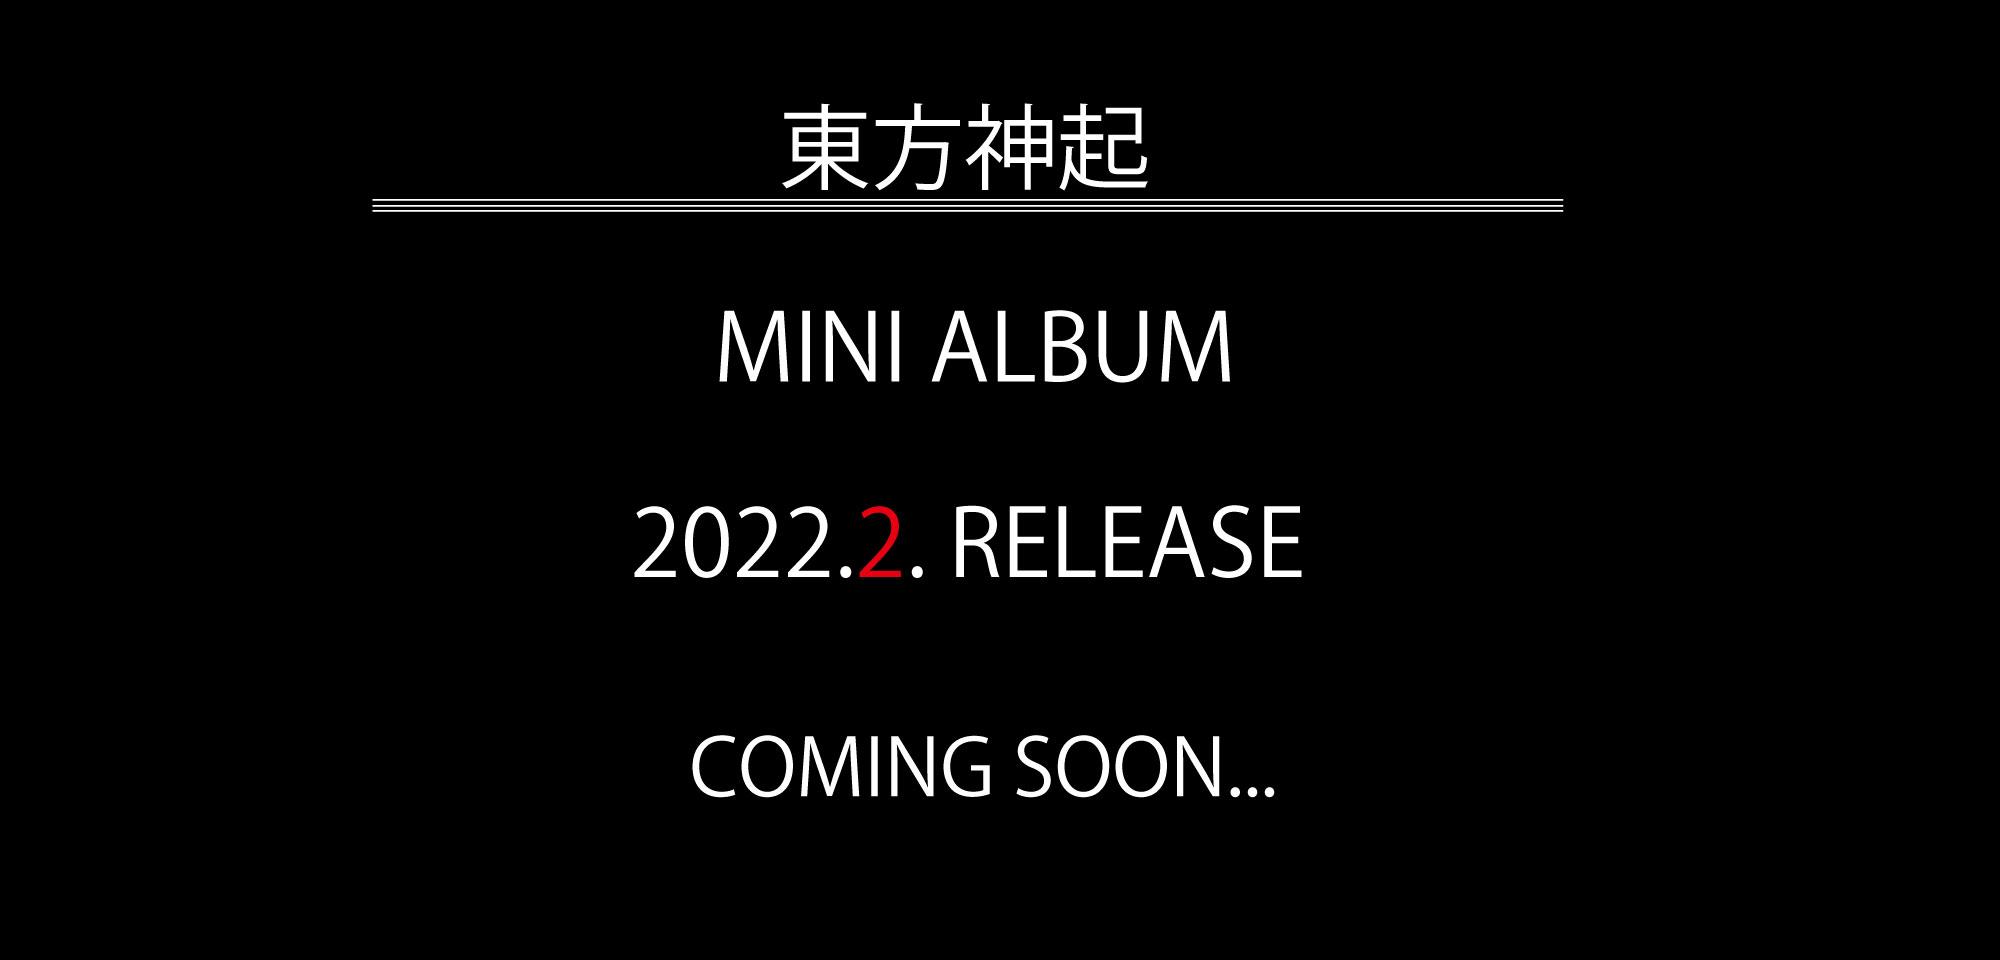 MNI ALBUM 2022.2 release